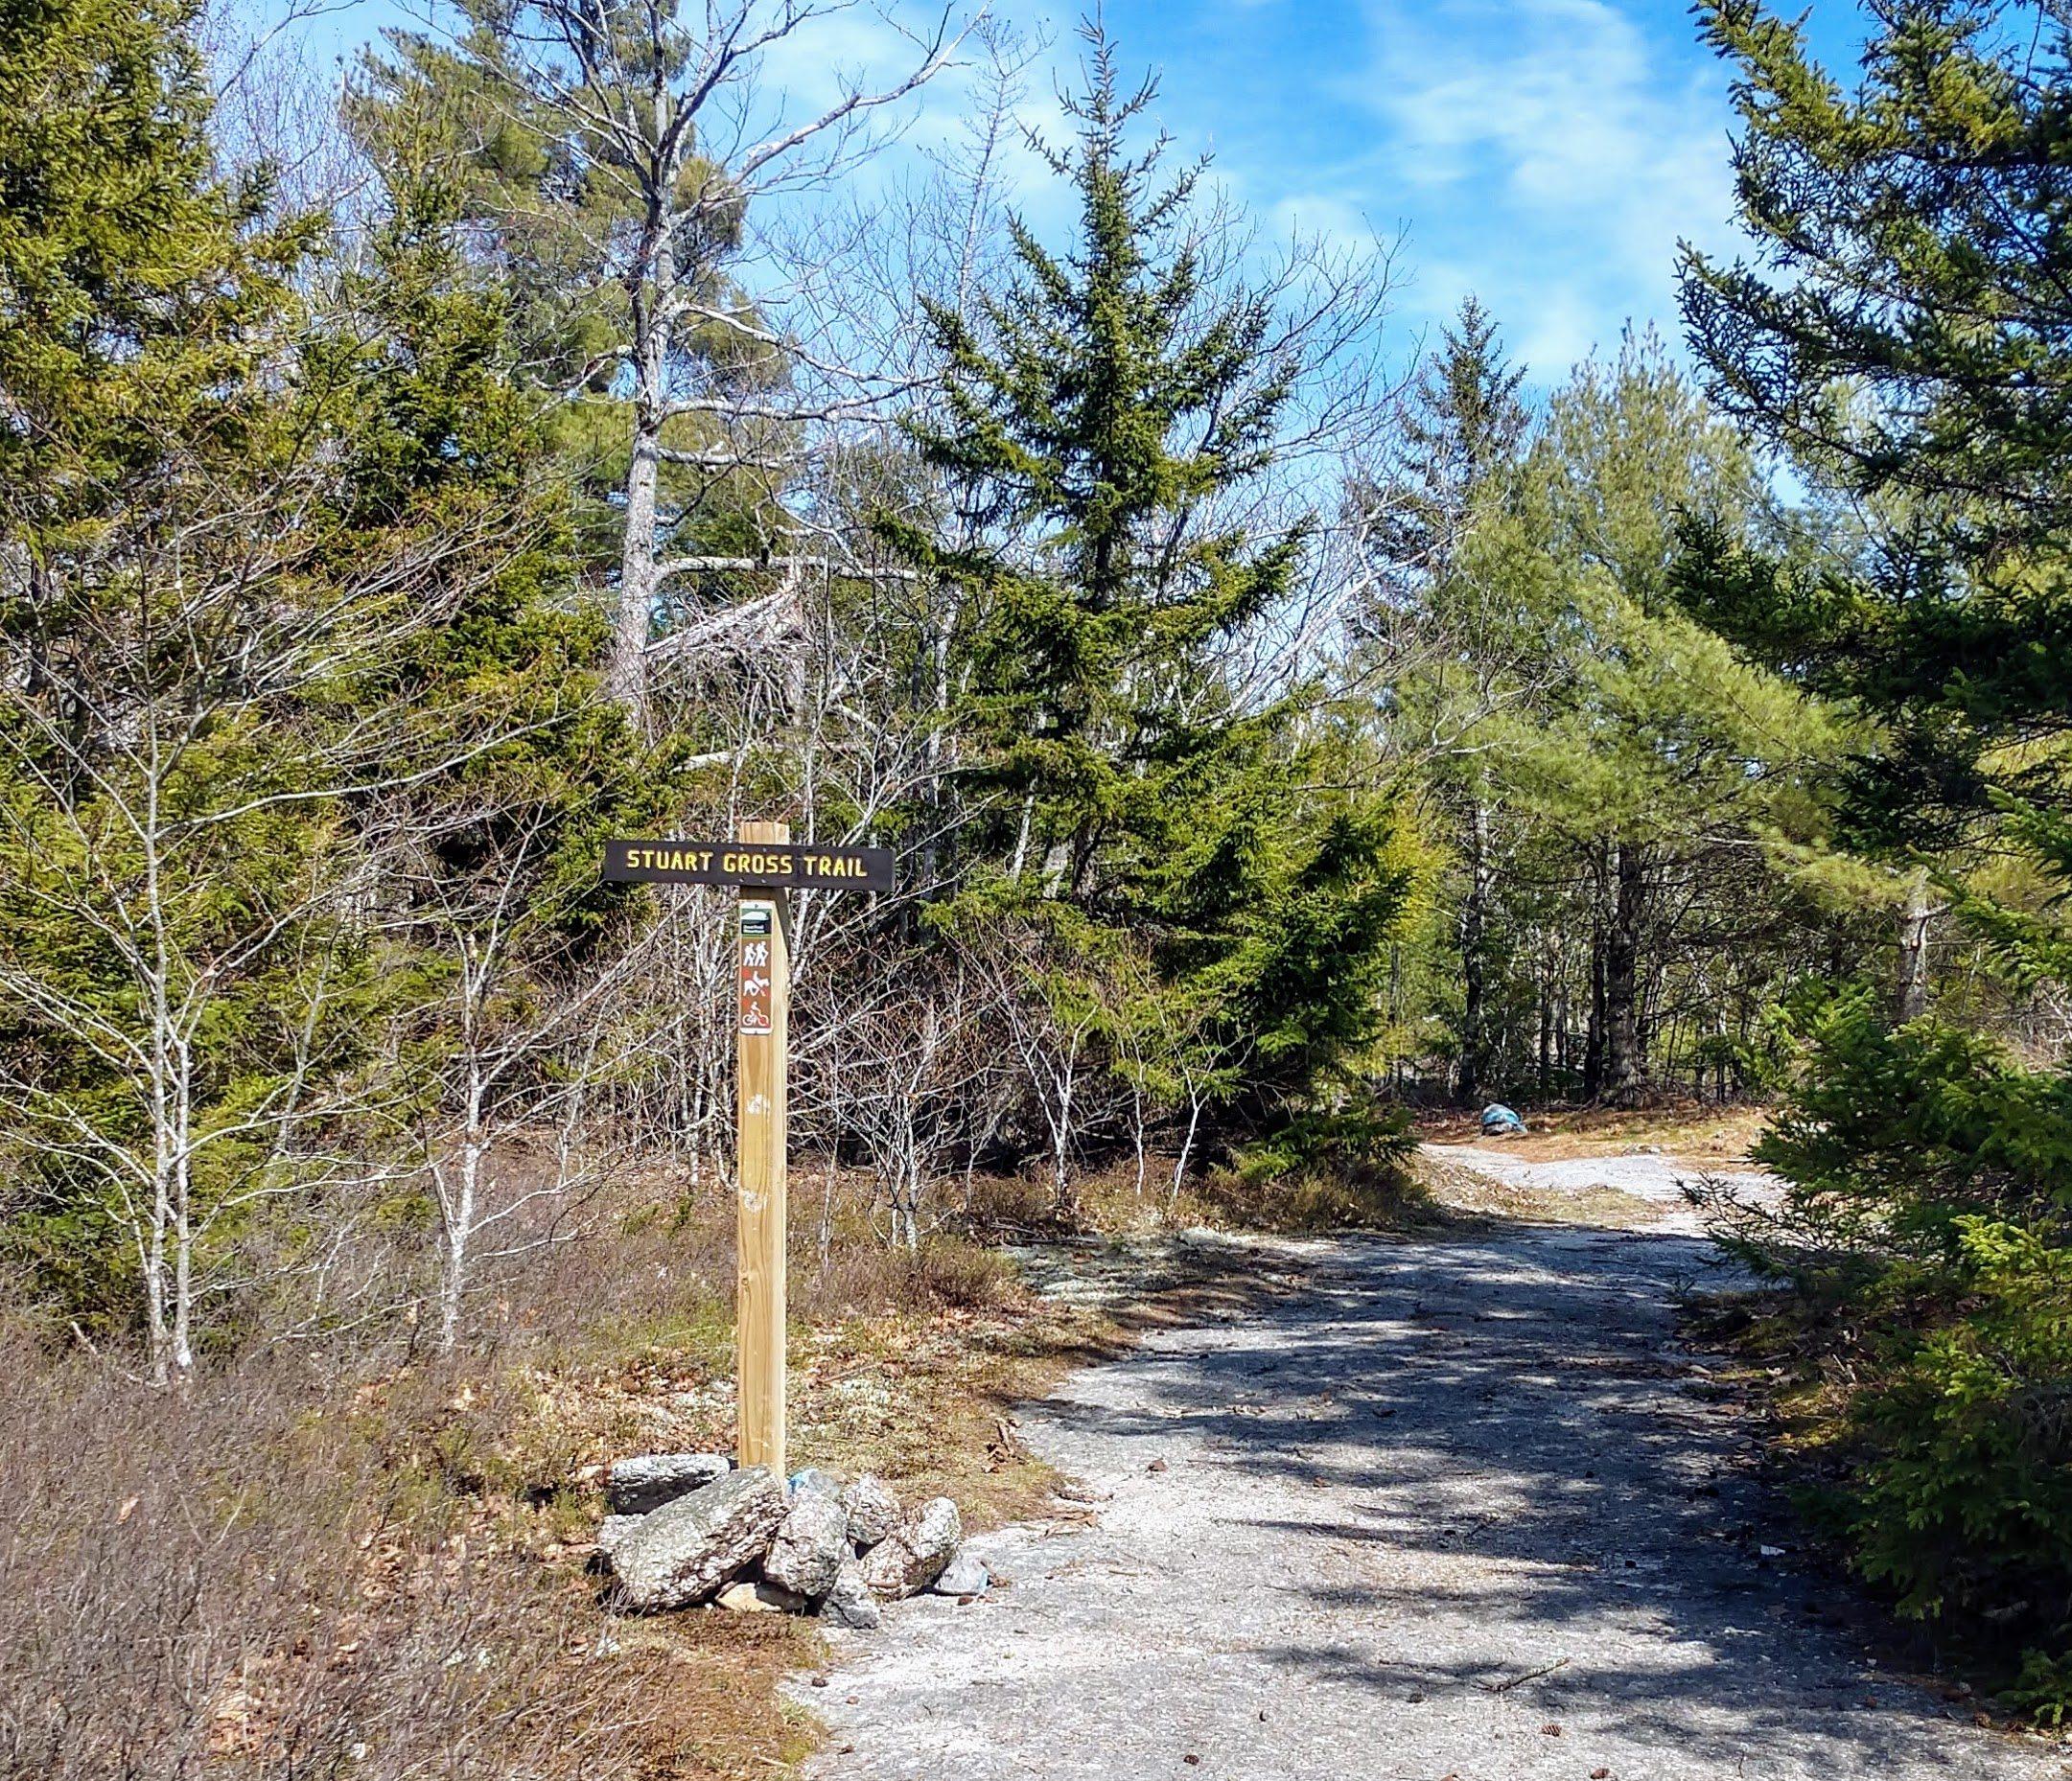 Stuart Gross Trail Sign